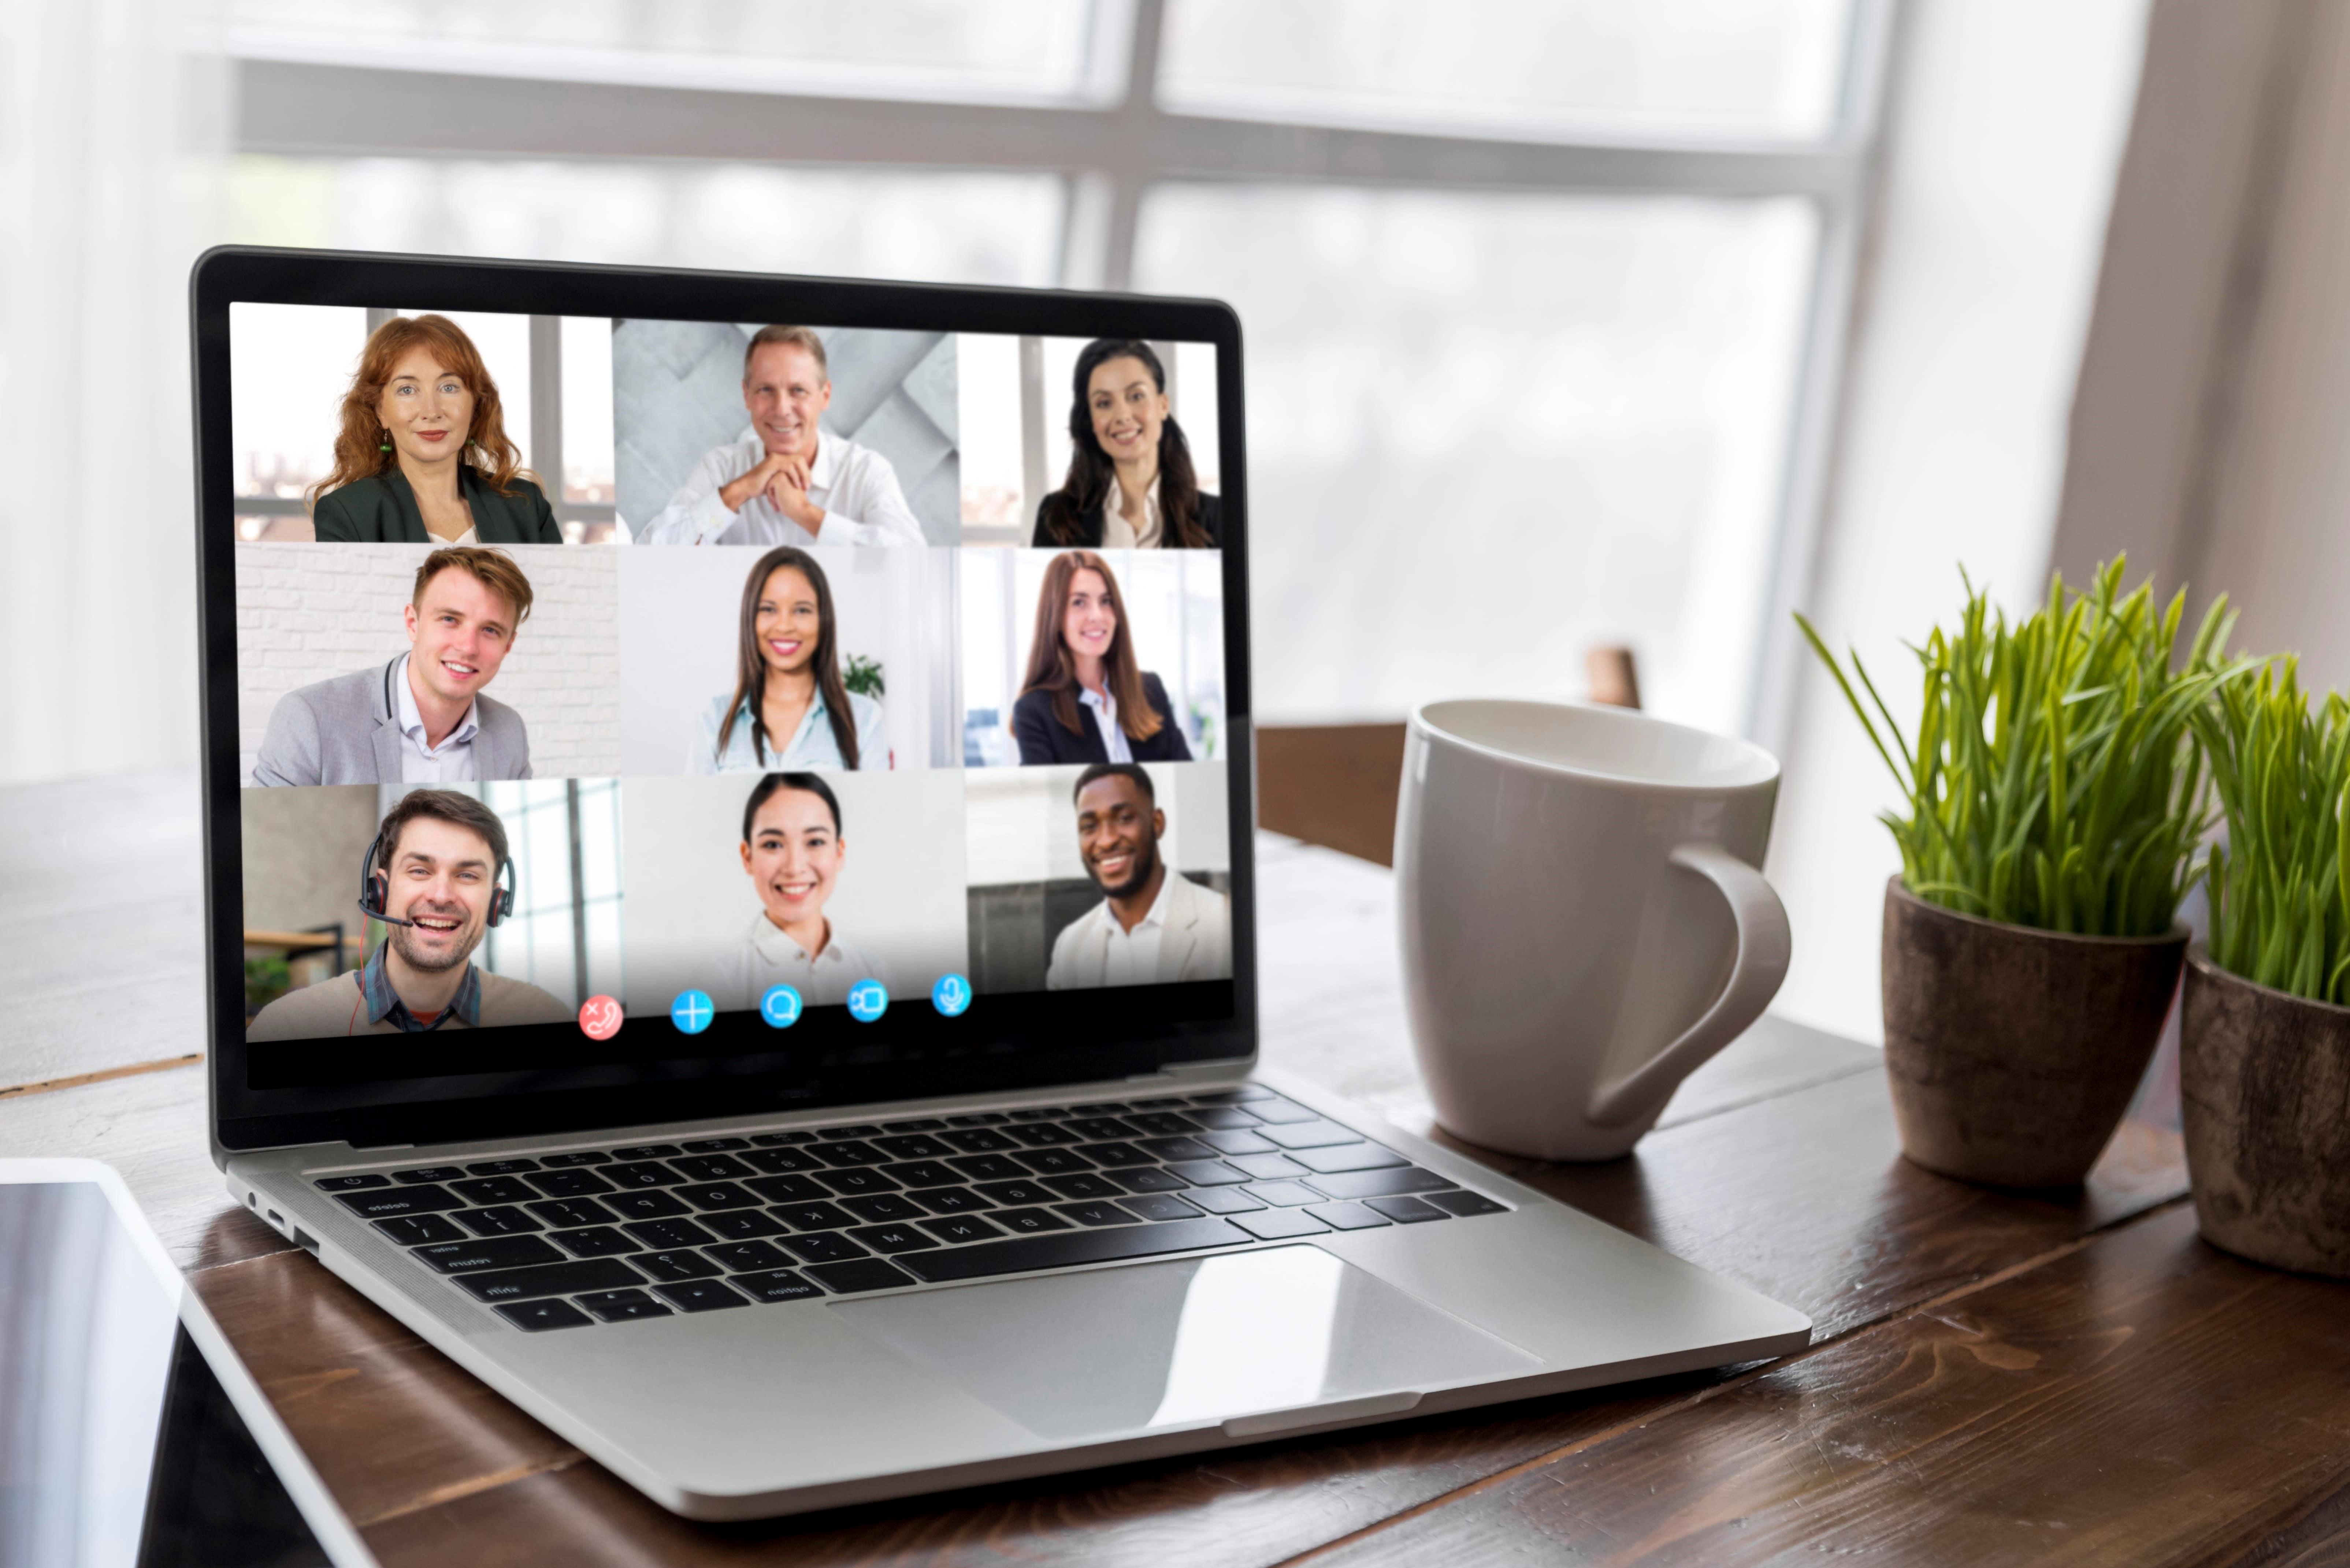 terapia para desintoxicación online - doctores